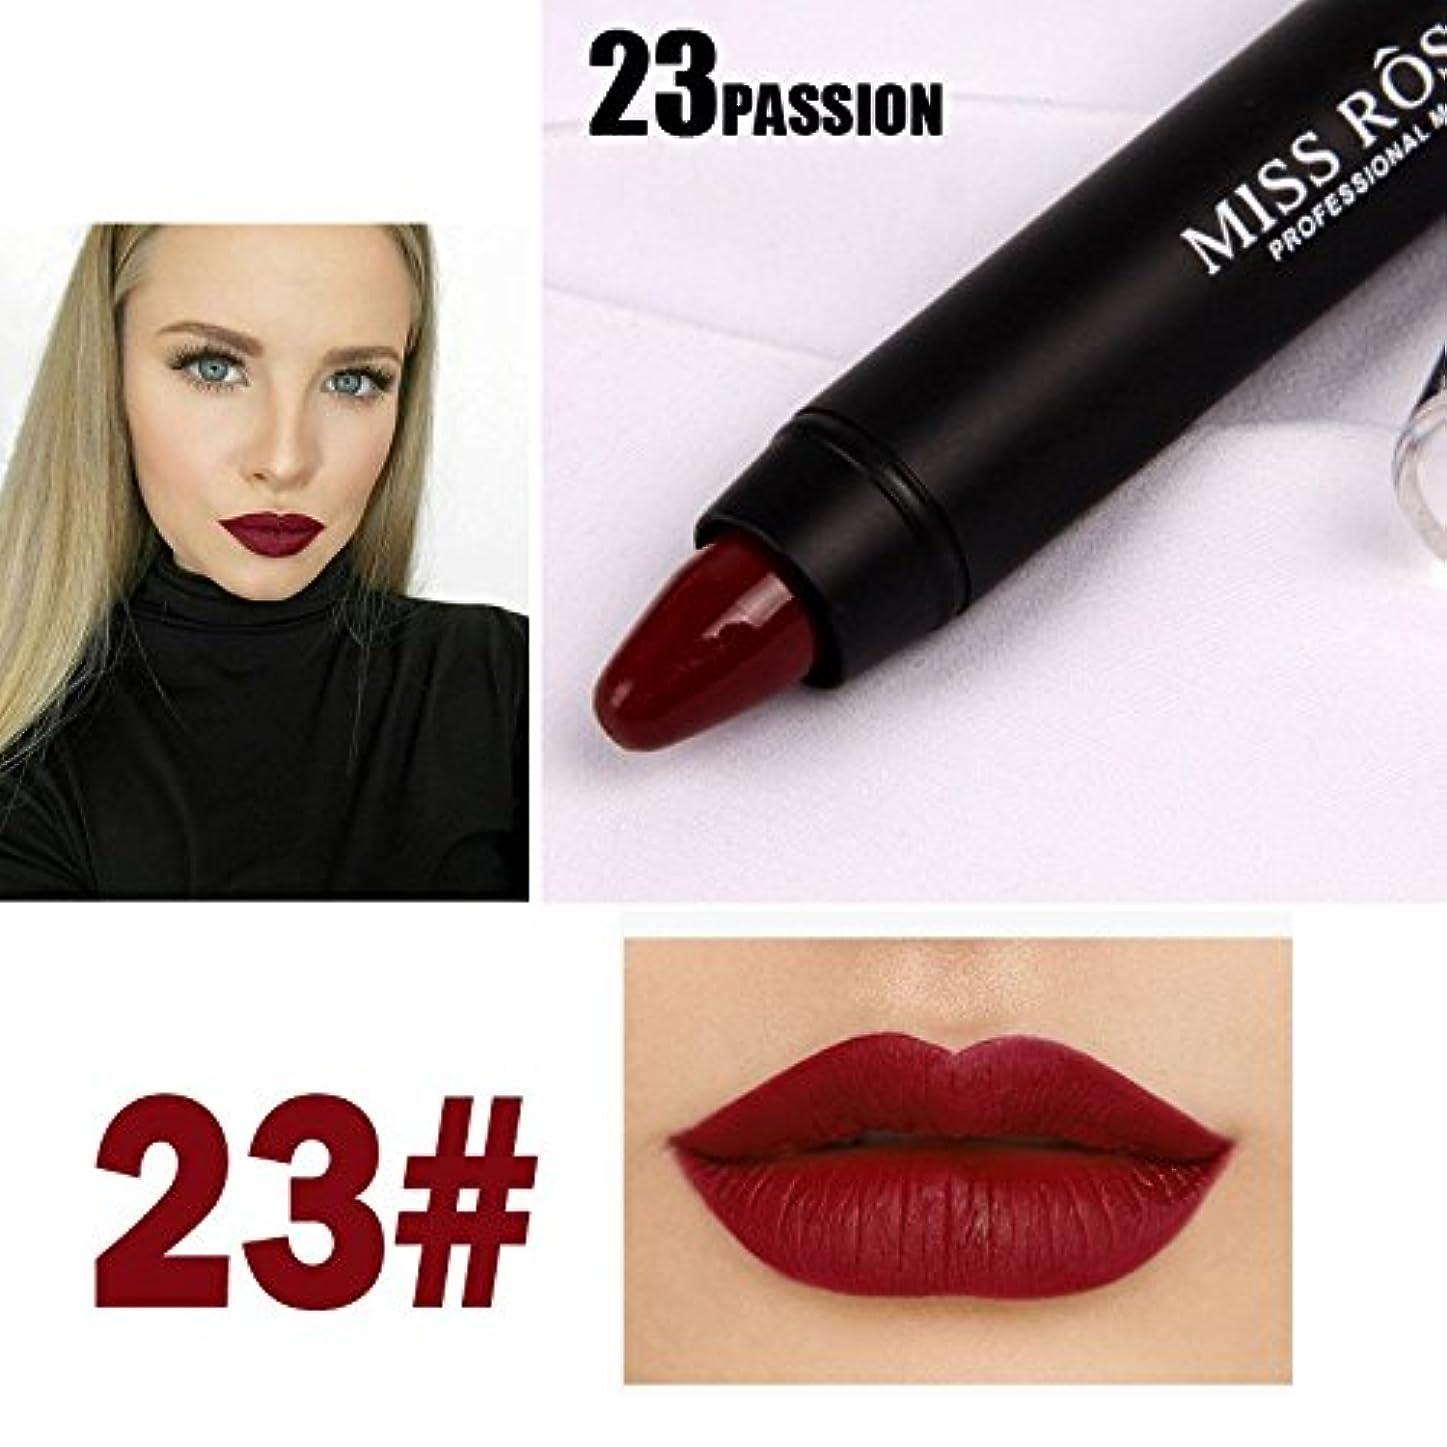 駅痛みそばにMISS ROSE Professional Women Waterproof Lipstick Lips Cream Beauty Lote Batom Matte Lipstick Nude Pencils Makeup